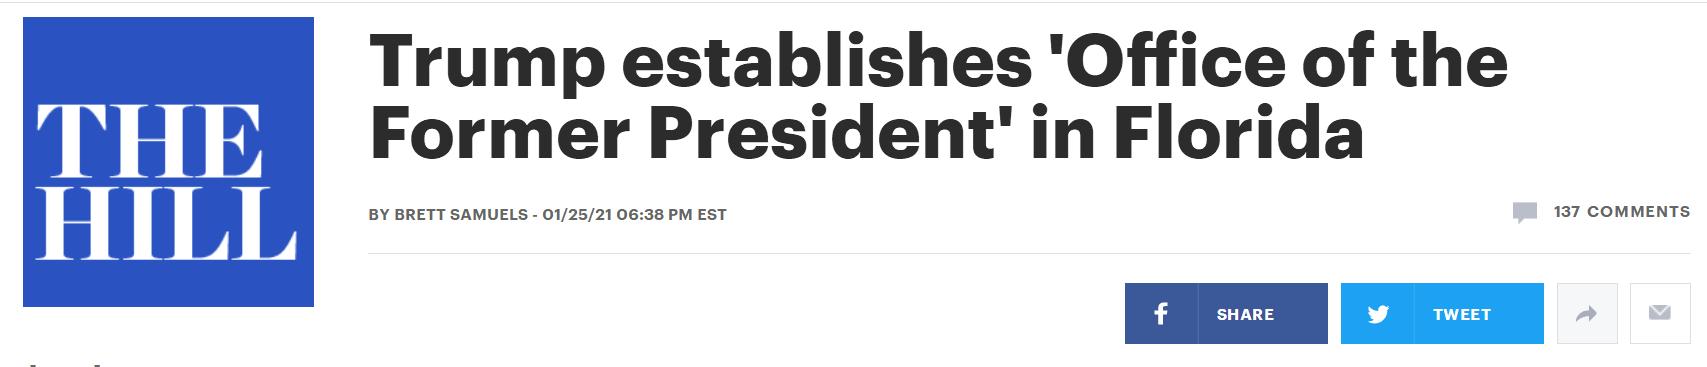 """《国会山报》:特朗普在佛罗里达设立""""前总统办公室"""""""